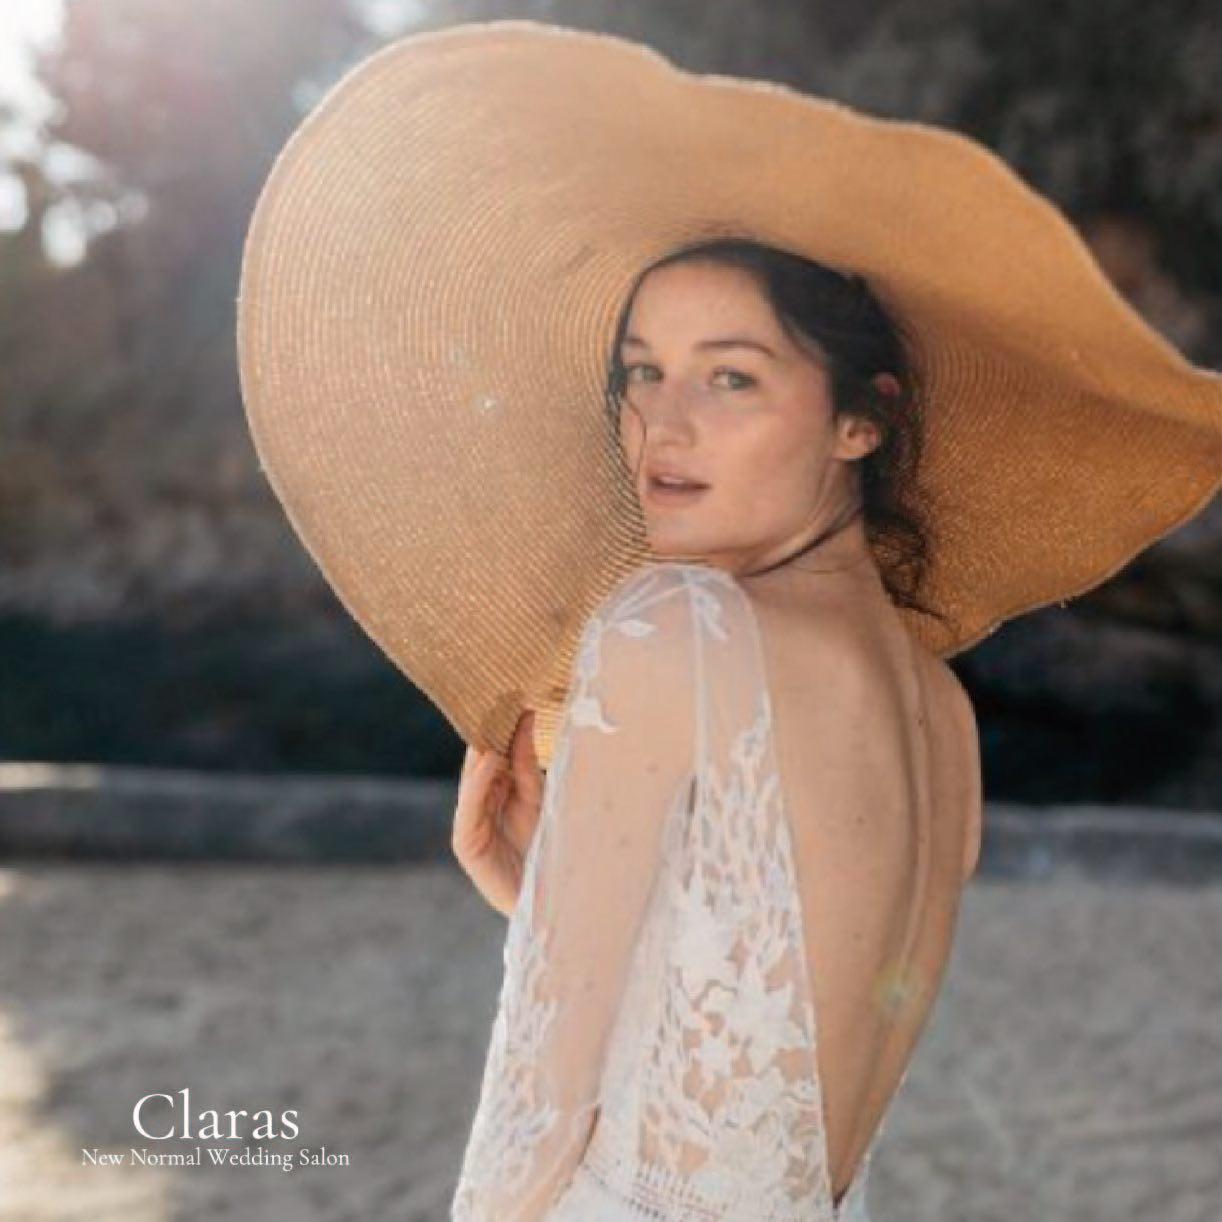 """🕊Claras とは🕊・インポートドレスを適正価格でお届けするのがClarasレンタルでは叶わない繊細で上質な素材も、ジャストサイズだから再現できるデザイン美も販売だからこそ叶えていける🤍Parisに関連会社があるからこそ直輸入での適正価格・Clarasは1組ずつ貸切でご案内寛ぎながら本当にその方に合った1着へと導きます自分だけのための1着を選びに来てください結婚式やフォトなど迷ってる方でもまずはClarasへ🤍長年様々なウエディングに携わってきたClarasスタッフより、細かなカウンセリングを行い的確ななご提案をさせていただきますご予約はDMからでも承れます・New Normal Wedding Salon""""Claras""""https://claras.jp/・about """"Claras""""…(ラテン語で、明るい·輝く)As(明日· 未来, フランス語て最高、一番) ・明るく輝く明日(未来) に貢献したいという想いを込めています🕊Fashionの都Parisをはじめ、欧米から選りすぐりのドレスをこれから出逢う花嫁のために取揃えました・2021.3.7 (Sun)NEW OPEN・Dressから始まるWedding Story""""憧れていた Dress選びから始まる結婚準備があったっていい""""・さまざまな新しい「価値」を創造し発信していきますこれからの新しい Wedding の常識を""""Claras """"から🕊・New Normal Wedding Salon【Claras】〒107-0061 東京都港区北青山2-9-14SISTER Bldg 1F(101) 東京メトロ銀座線 外苑前駅3番出ロより徒歩2分Tel:03 6910 5163HP: https://claras.jp営業時間:平日 12:00-18:00 土日祝11:00-18:00(定休日:月・火)・#wedding #weddingdress #legeretes #claras #paris #vowrenewal#ウェディングドレス #プレ花嫁 #ドレス試着 #ドレス迷子 #2021冬婚 #ヘアメイク #結婚式  #ドレス選び #前撮り #インポートドレス #フォトウェディング #ウェディングヘア  #フォト婚 #ニューノーマル #ブライダルフォト #カップルフォト #ウェディングドレス探し #ウェディングドレス試着 #セルドレス #ドレスショップ #家族婚 #バウリニューアル #記念日婚 #婚約しました"""